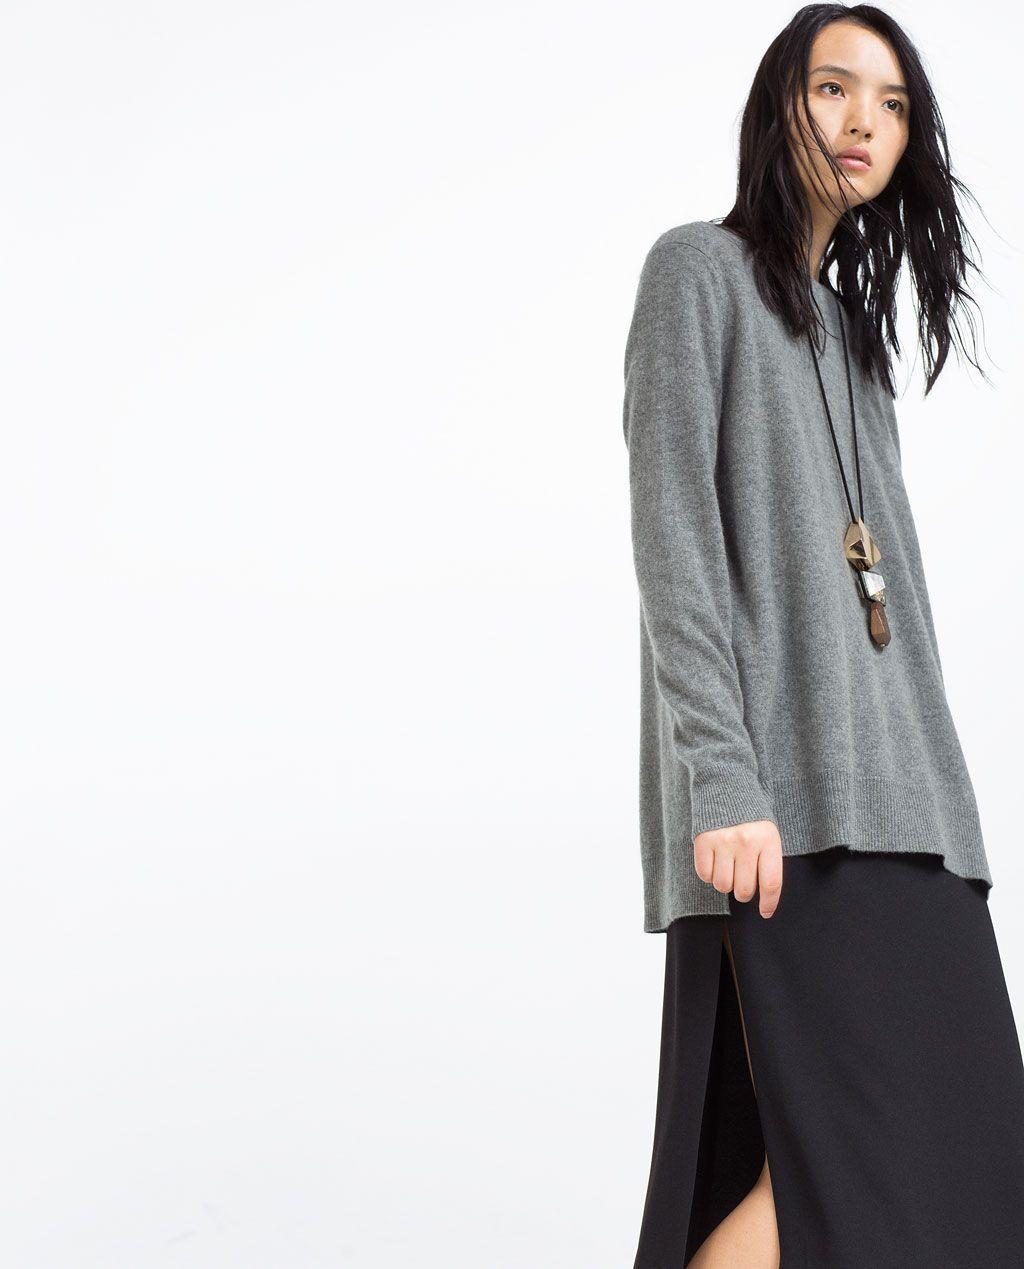 Billede 3 af OVERSIZE CASHMERE SWEATER fra Zara | Tøj | Pinterest ...